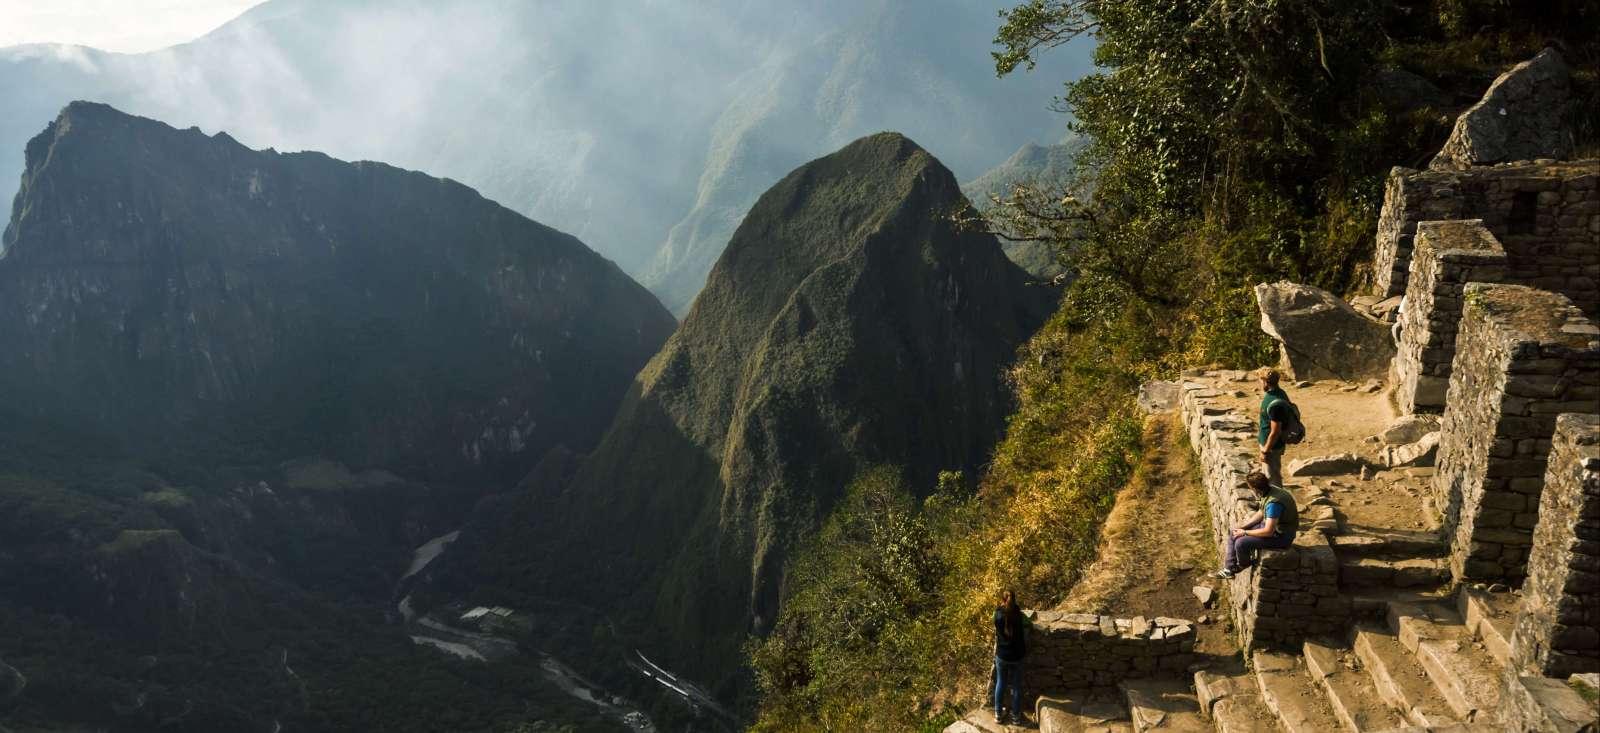 Voyage à pied : Immersion aux pays des Incas